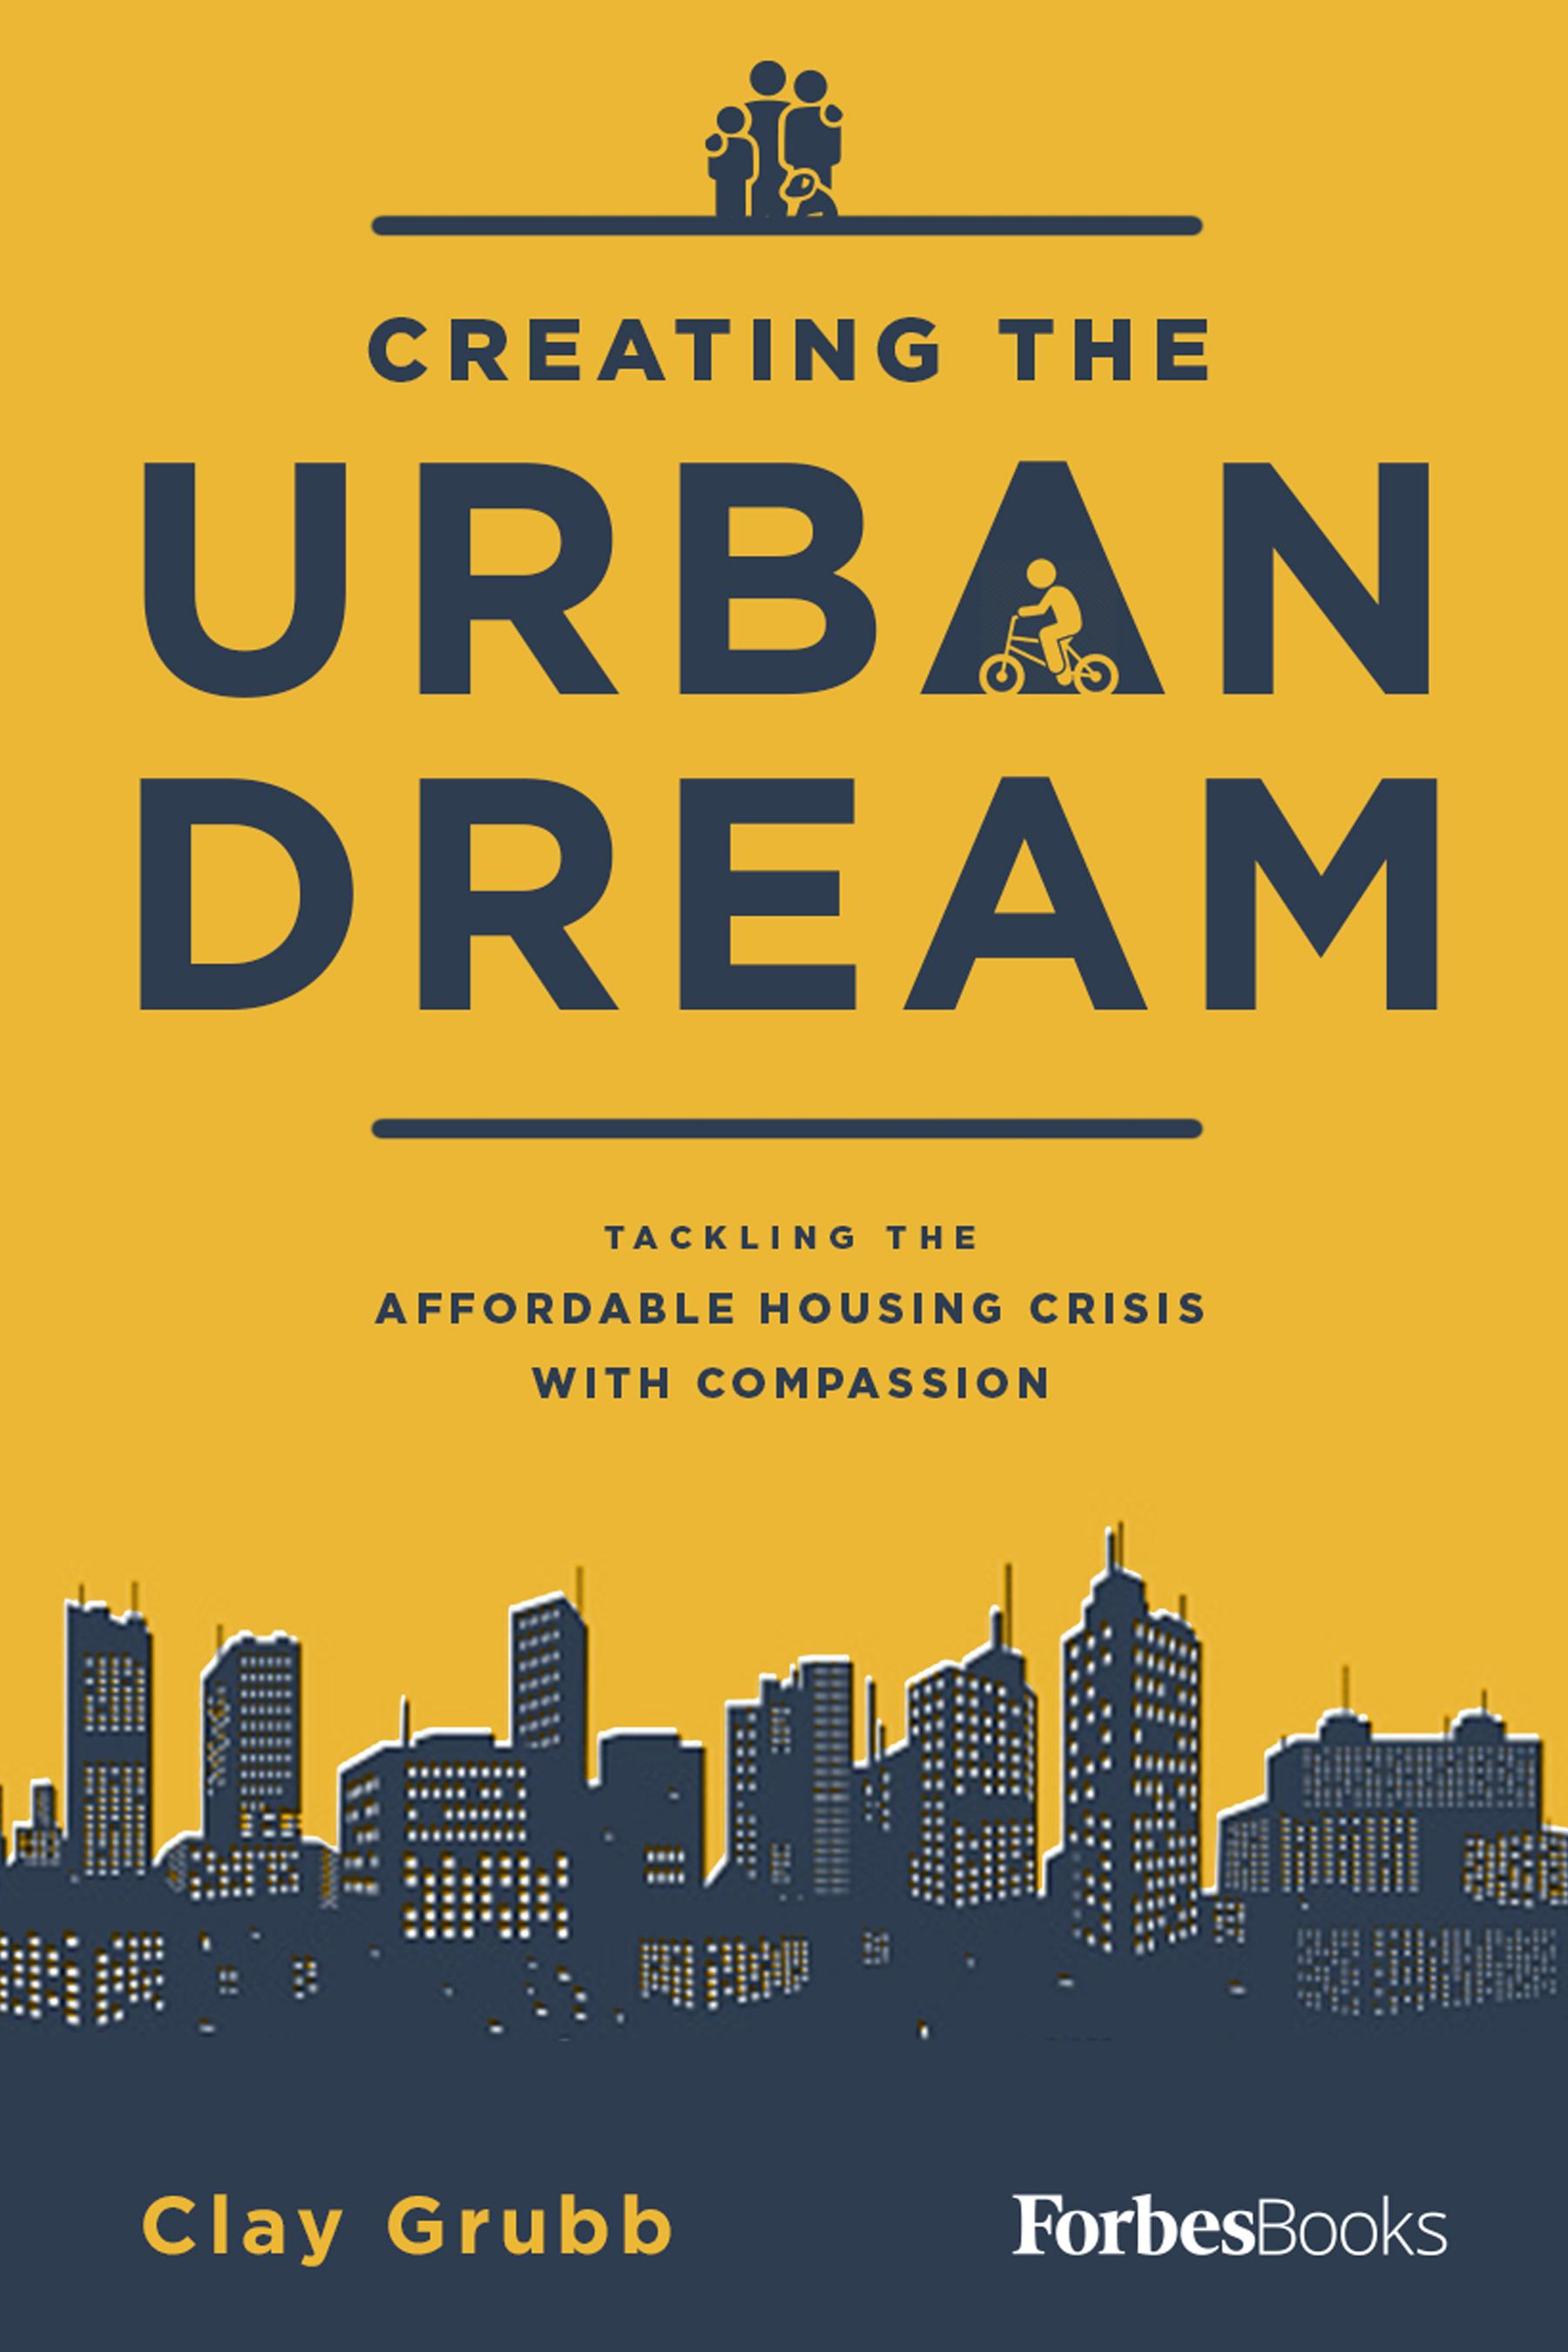 Creating The Urban Dream